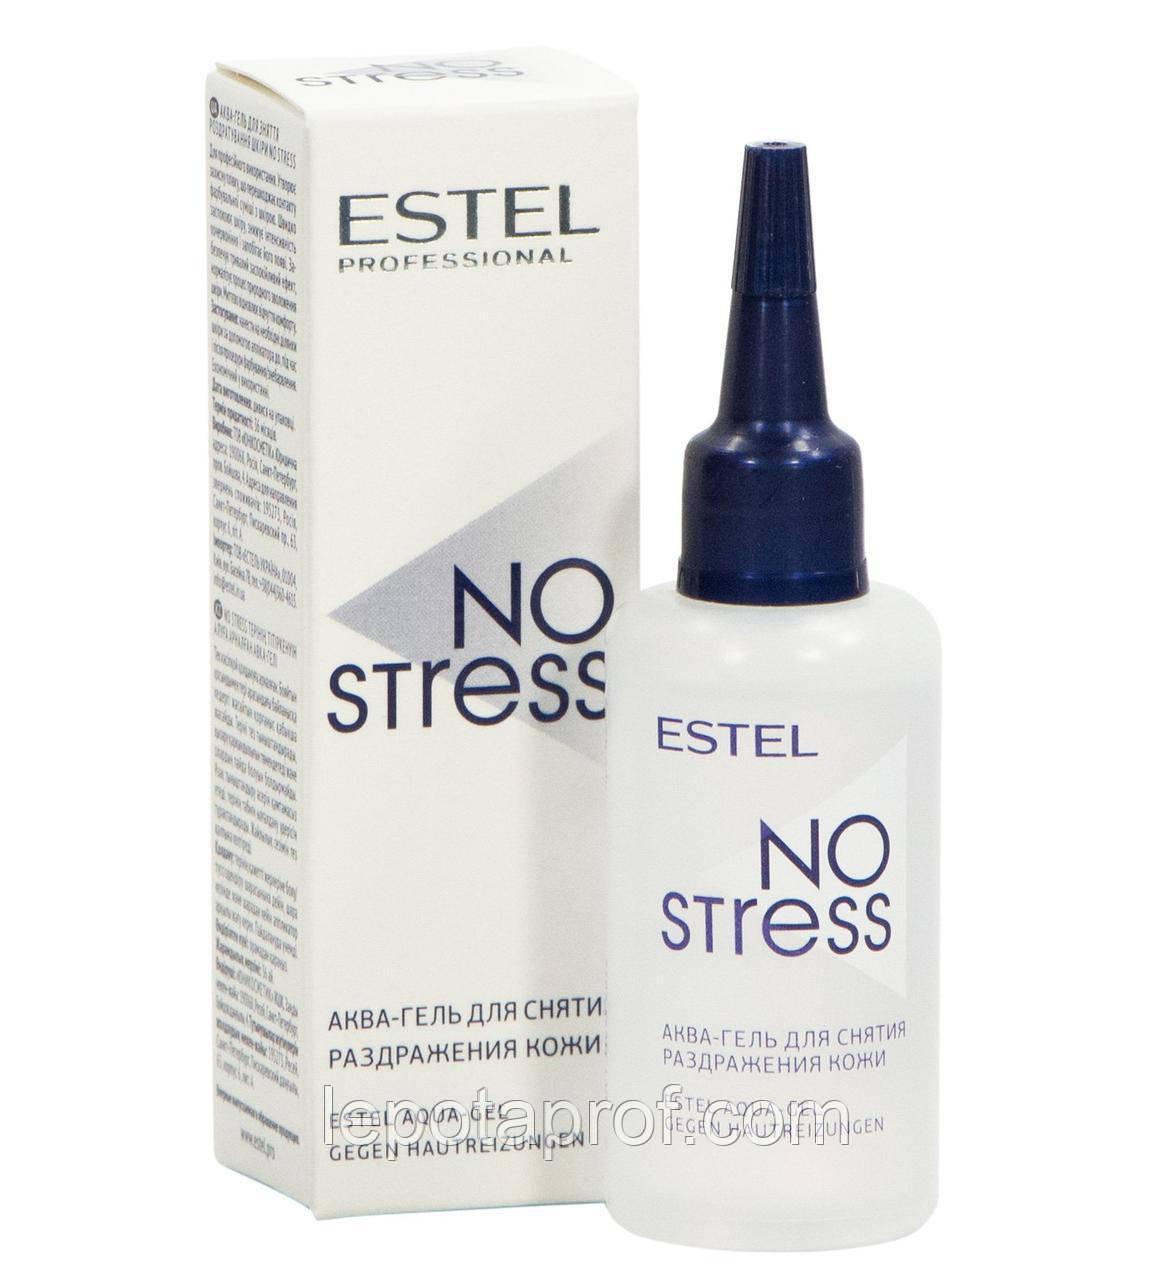 Аква-гель для зняття роздратування з шкіри Estel No stress 30 мл